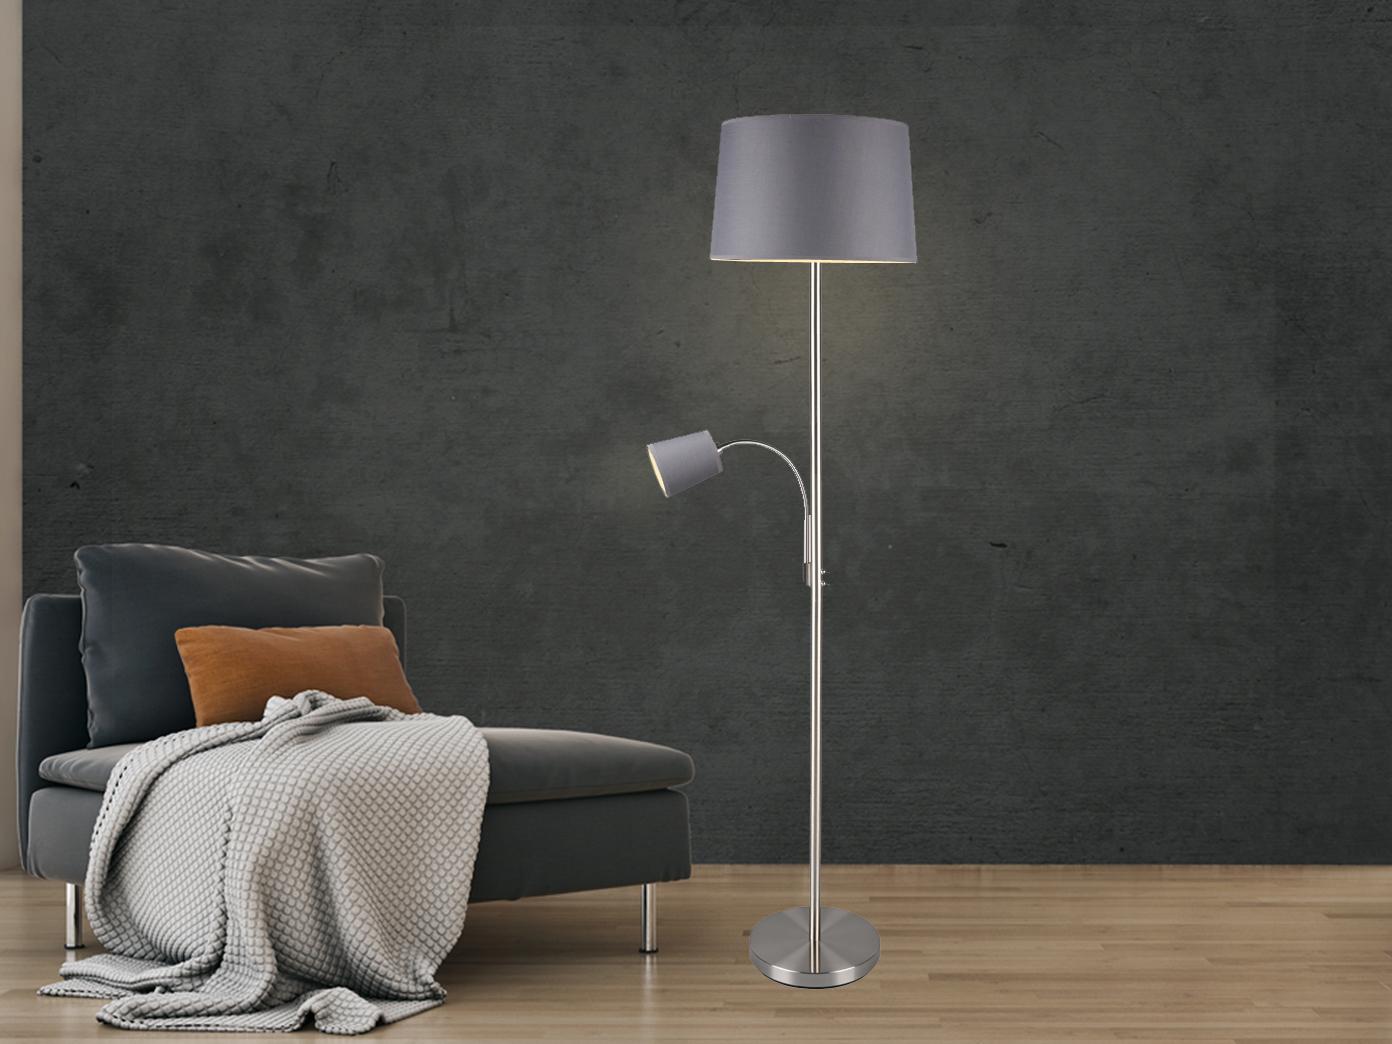 Stehleuchte mit Leselampe grauer Stoffschirm für Wohnzimmer Stehlampen zum  Lesen - yatego.com